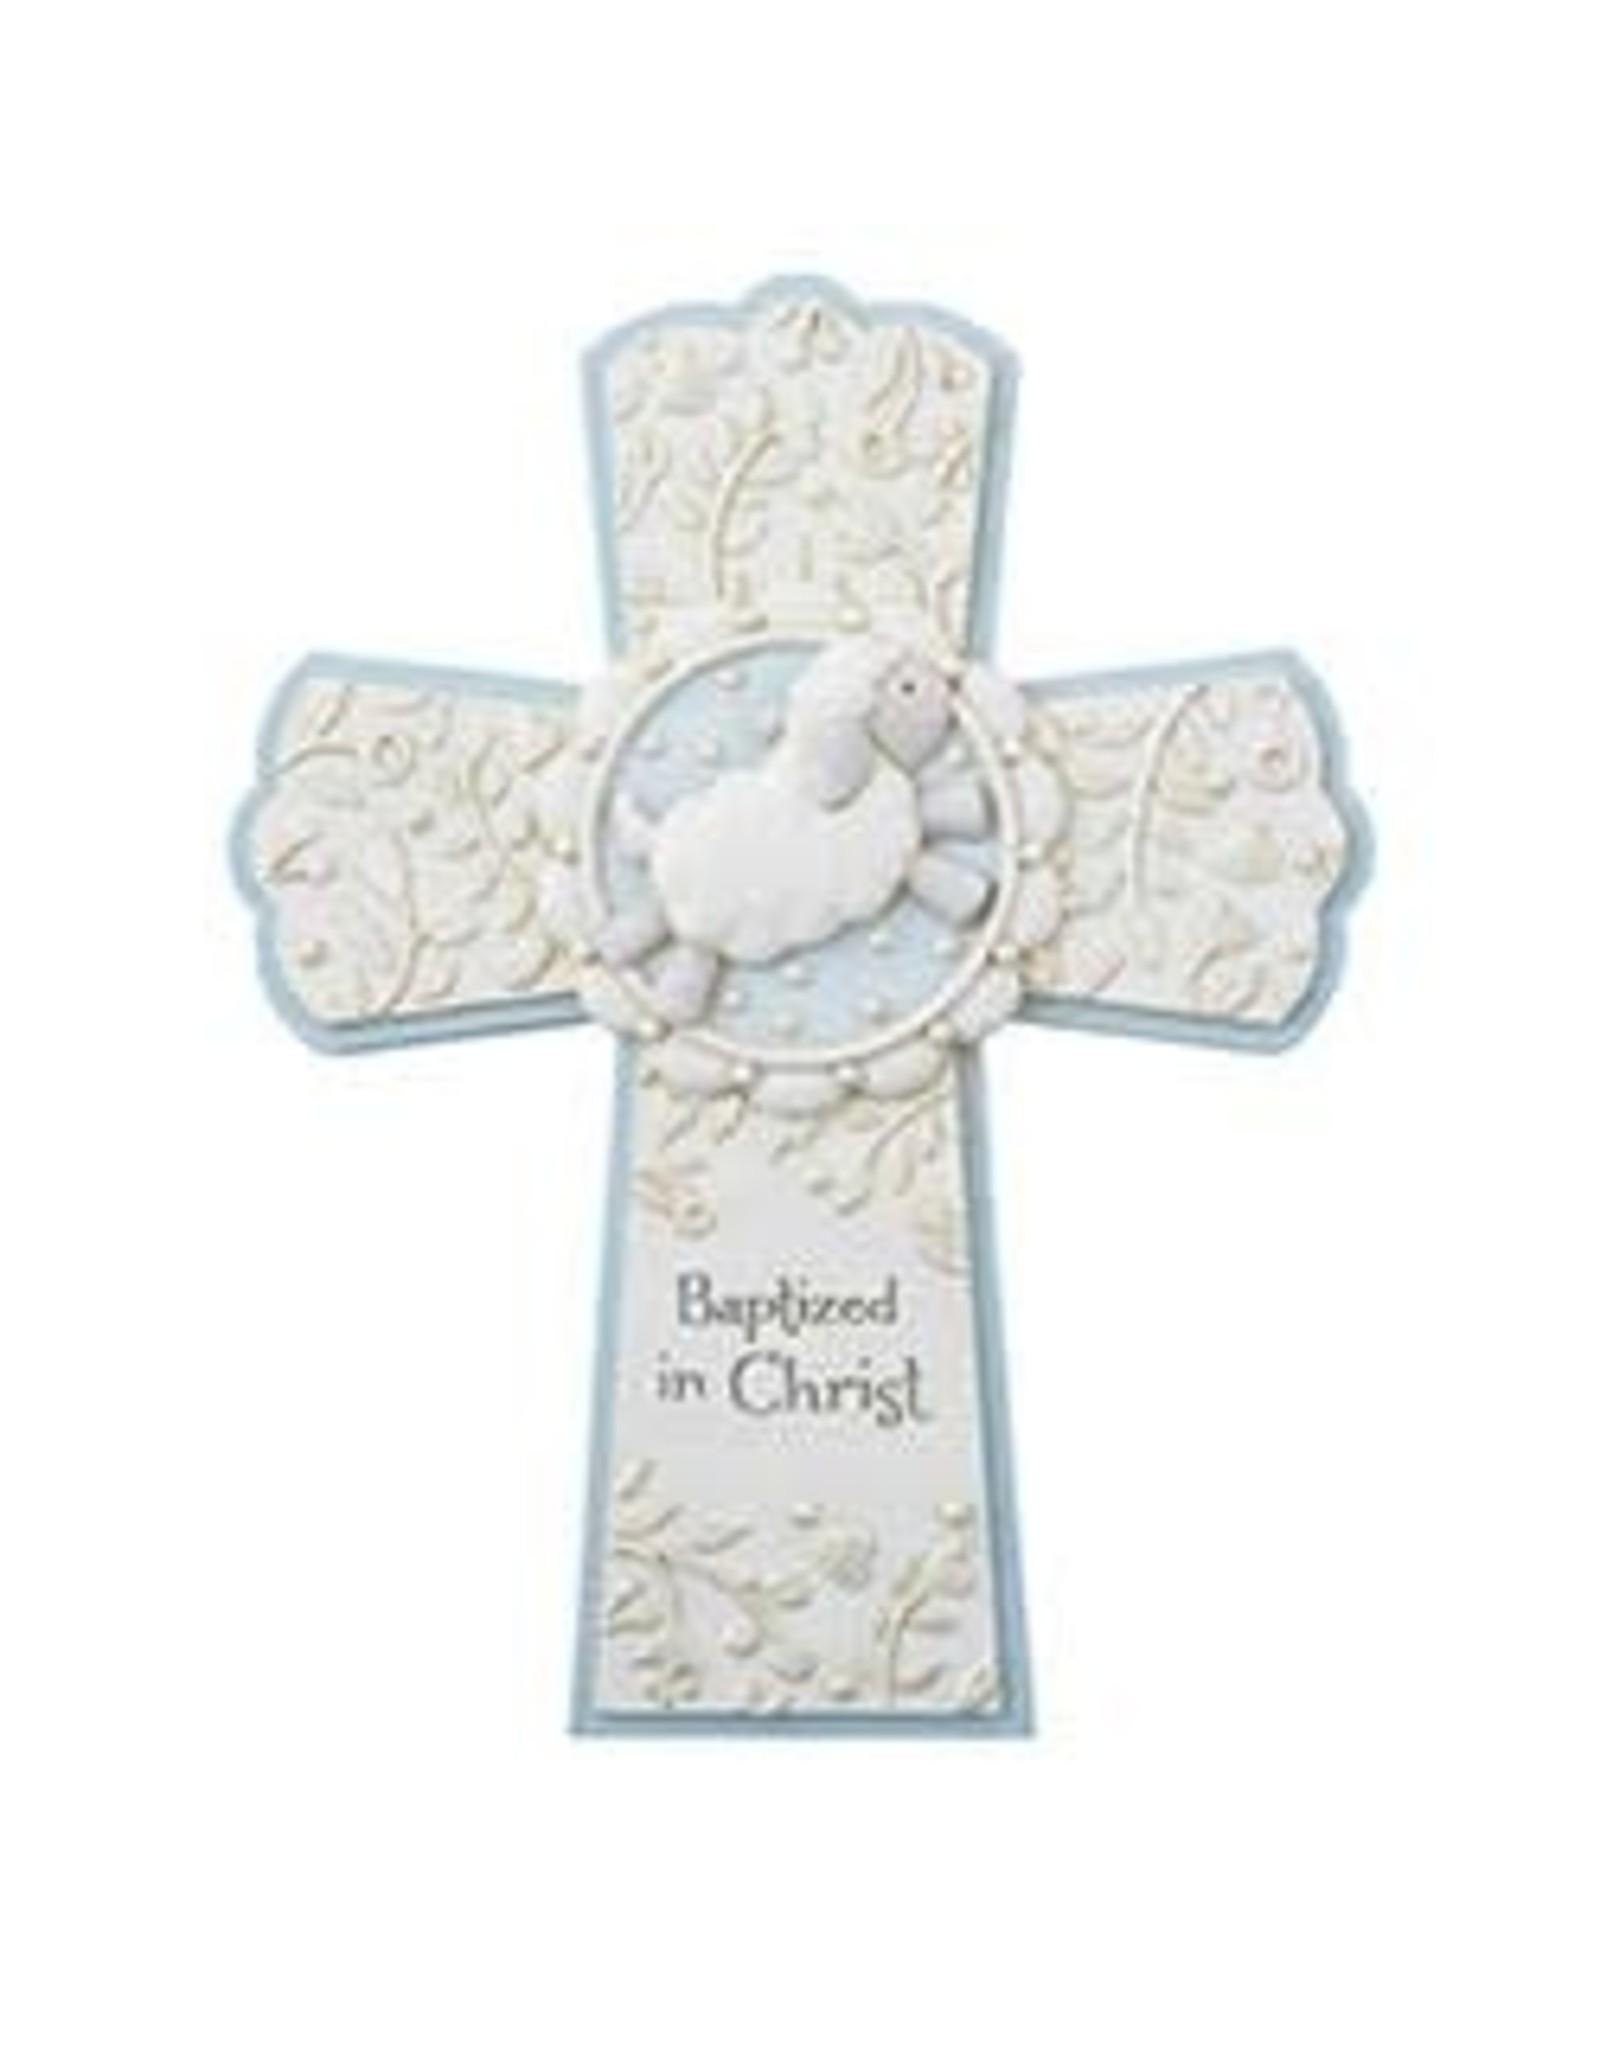 Christian Brands Baptized in Christ Cross Blue